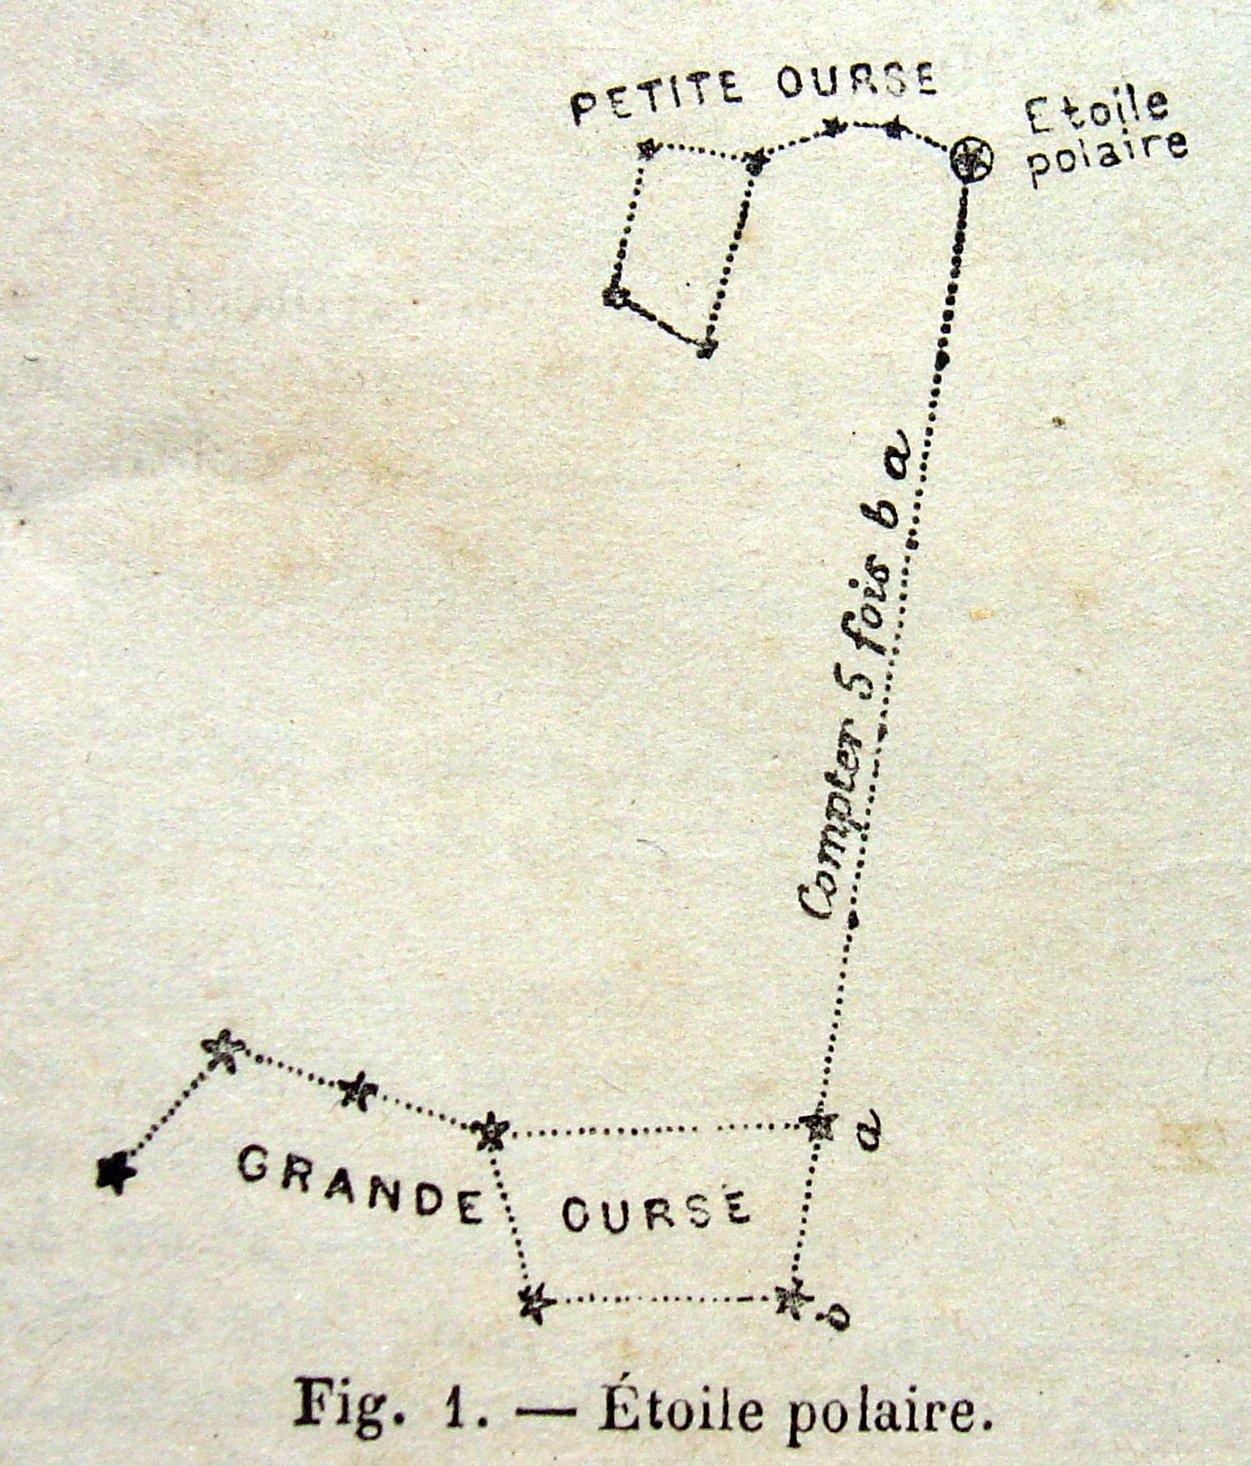 Localiser l'étoile polaire de l'hémisphère nord, Alpha Ursae Minoris, depuis la Grande Ourse - La deuxième année de géographie, Pierre Foncin - Wikimedia Commons